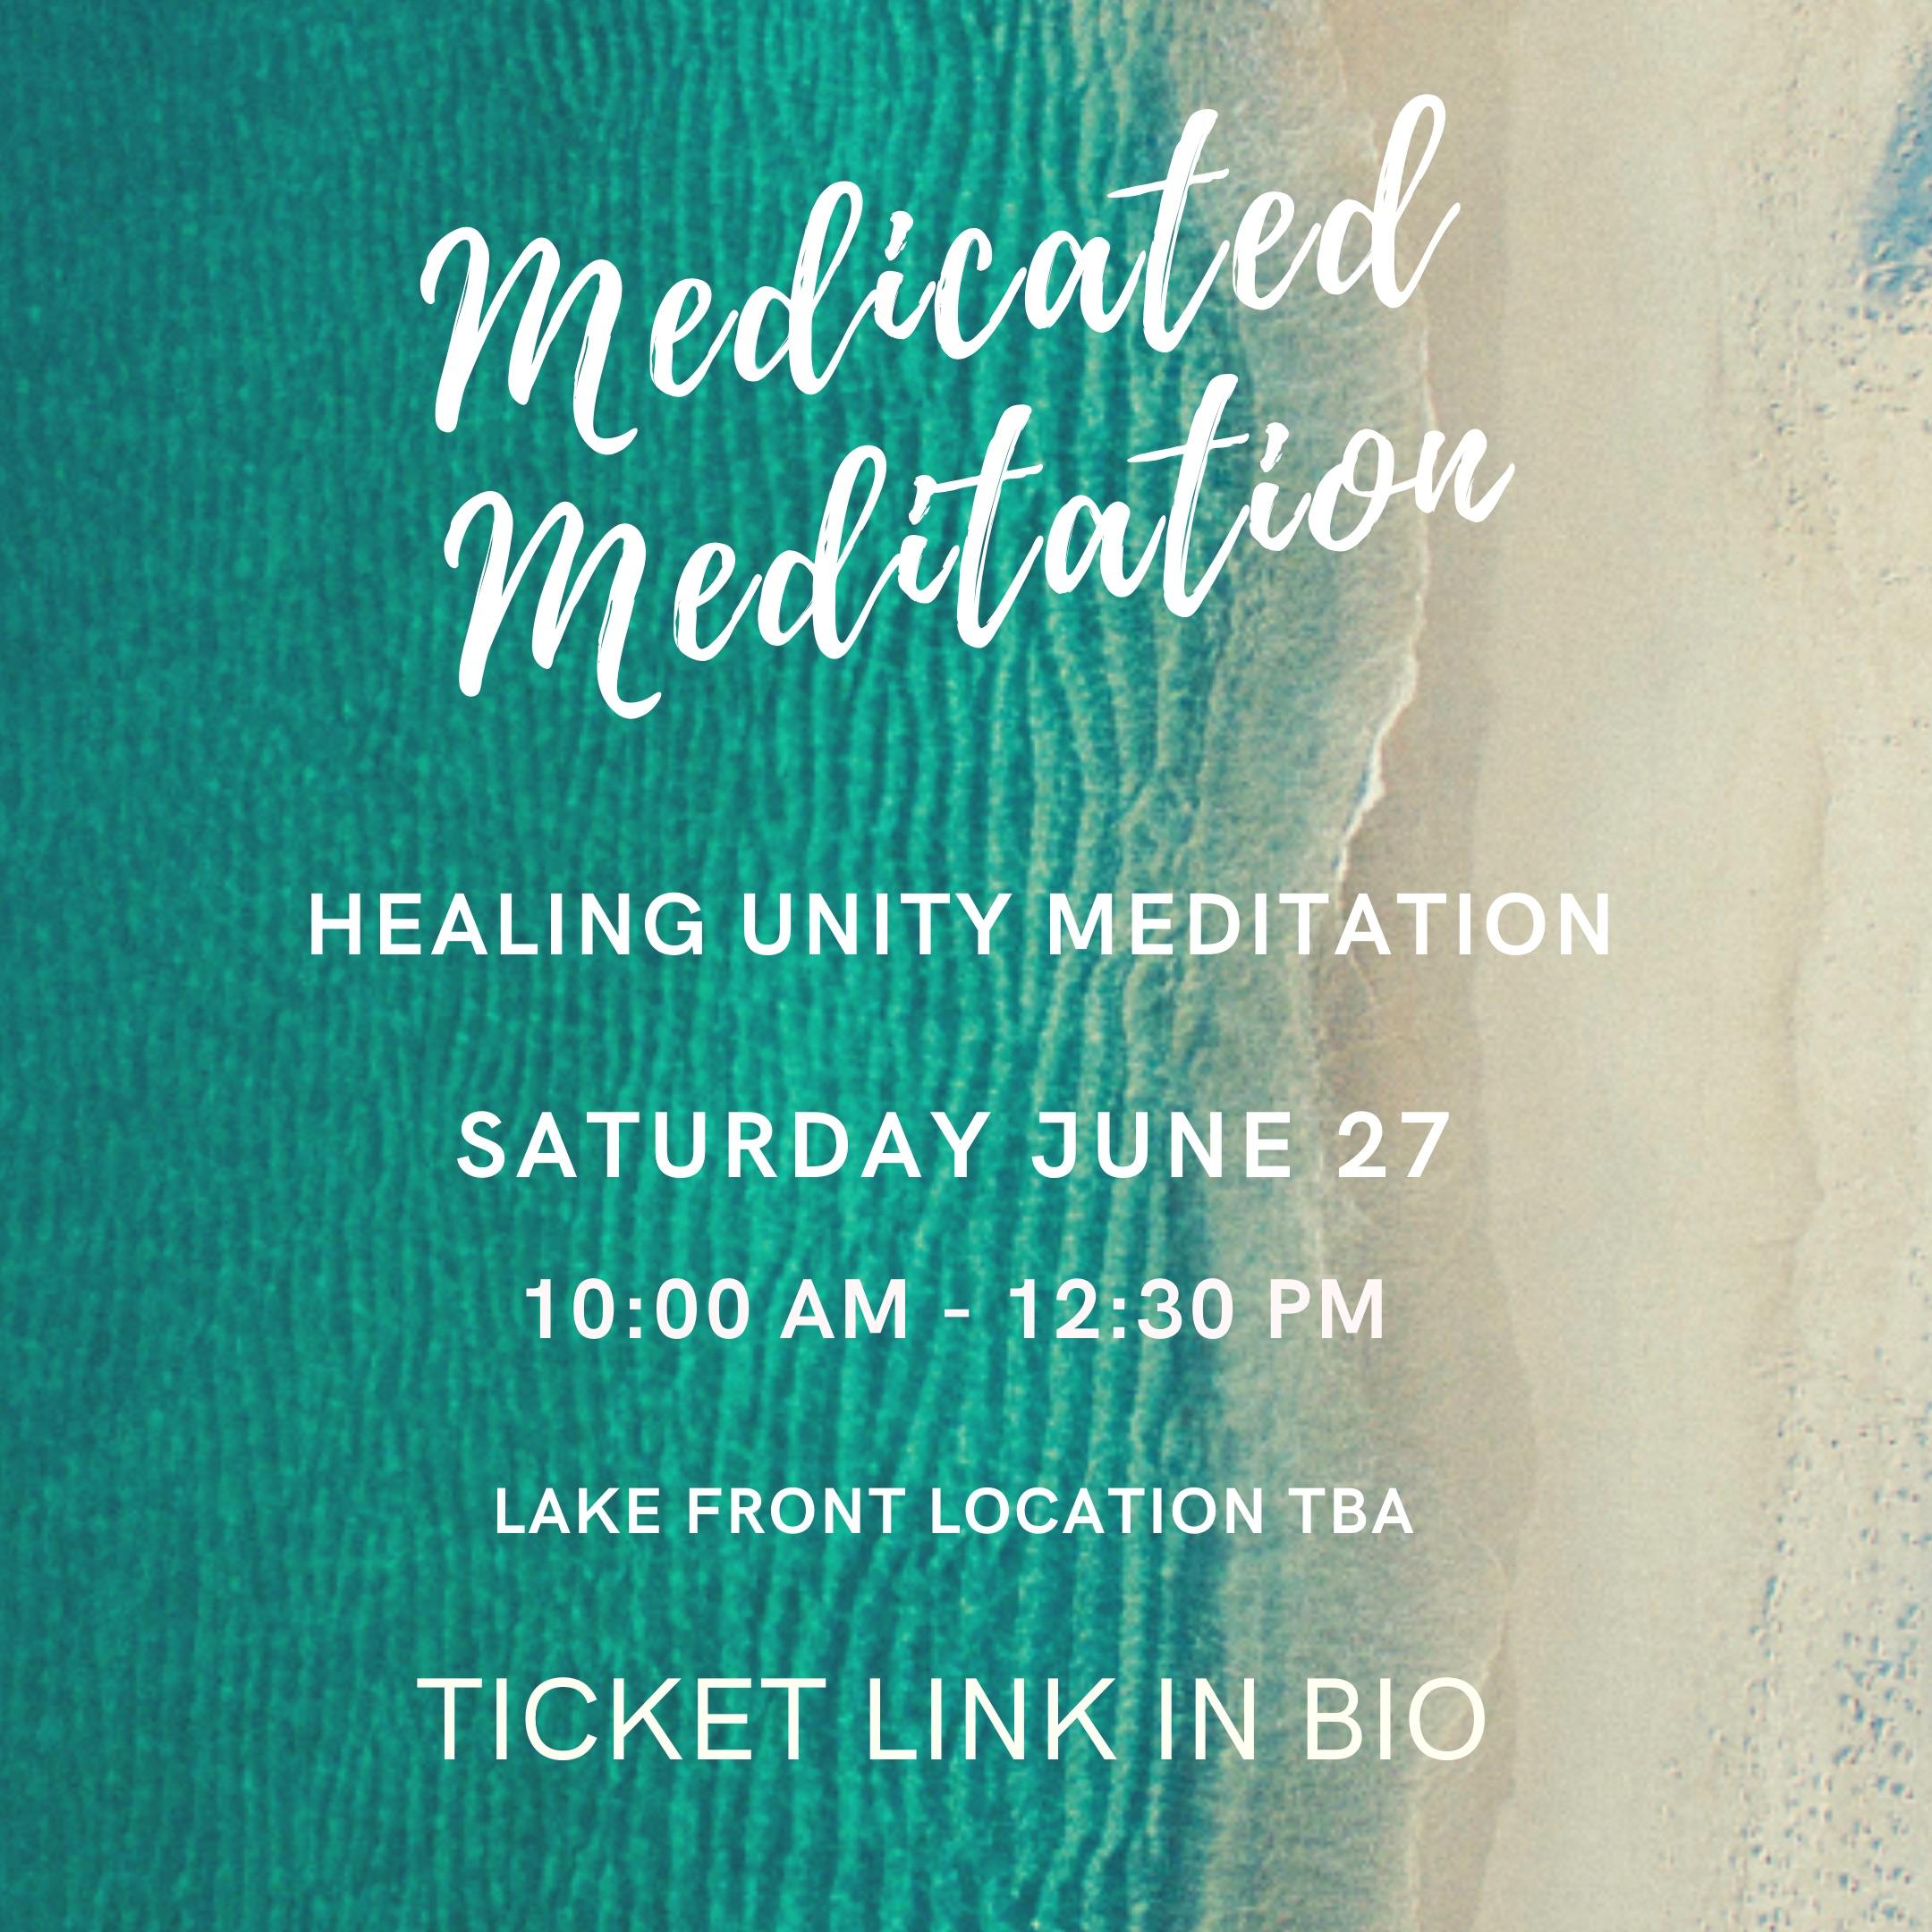 Medicated Meditation